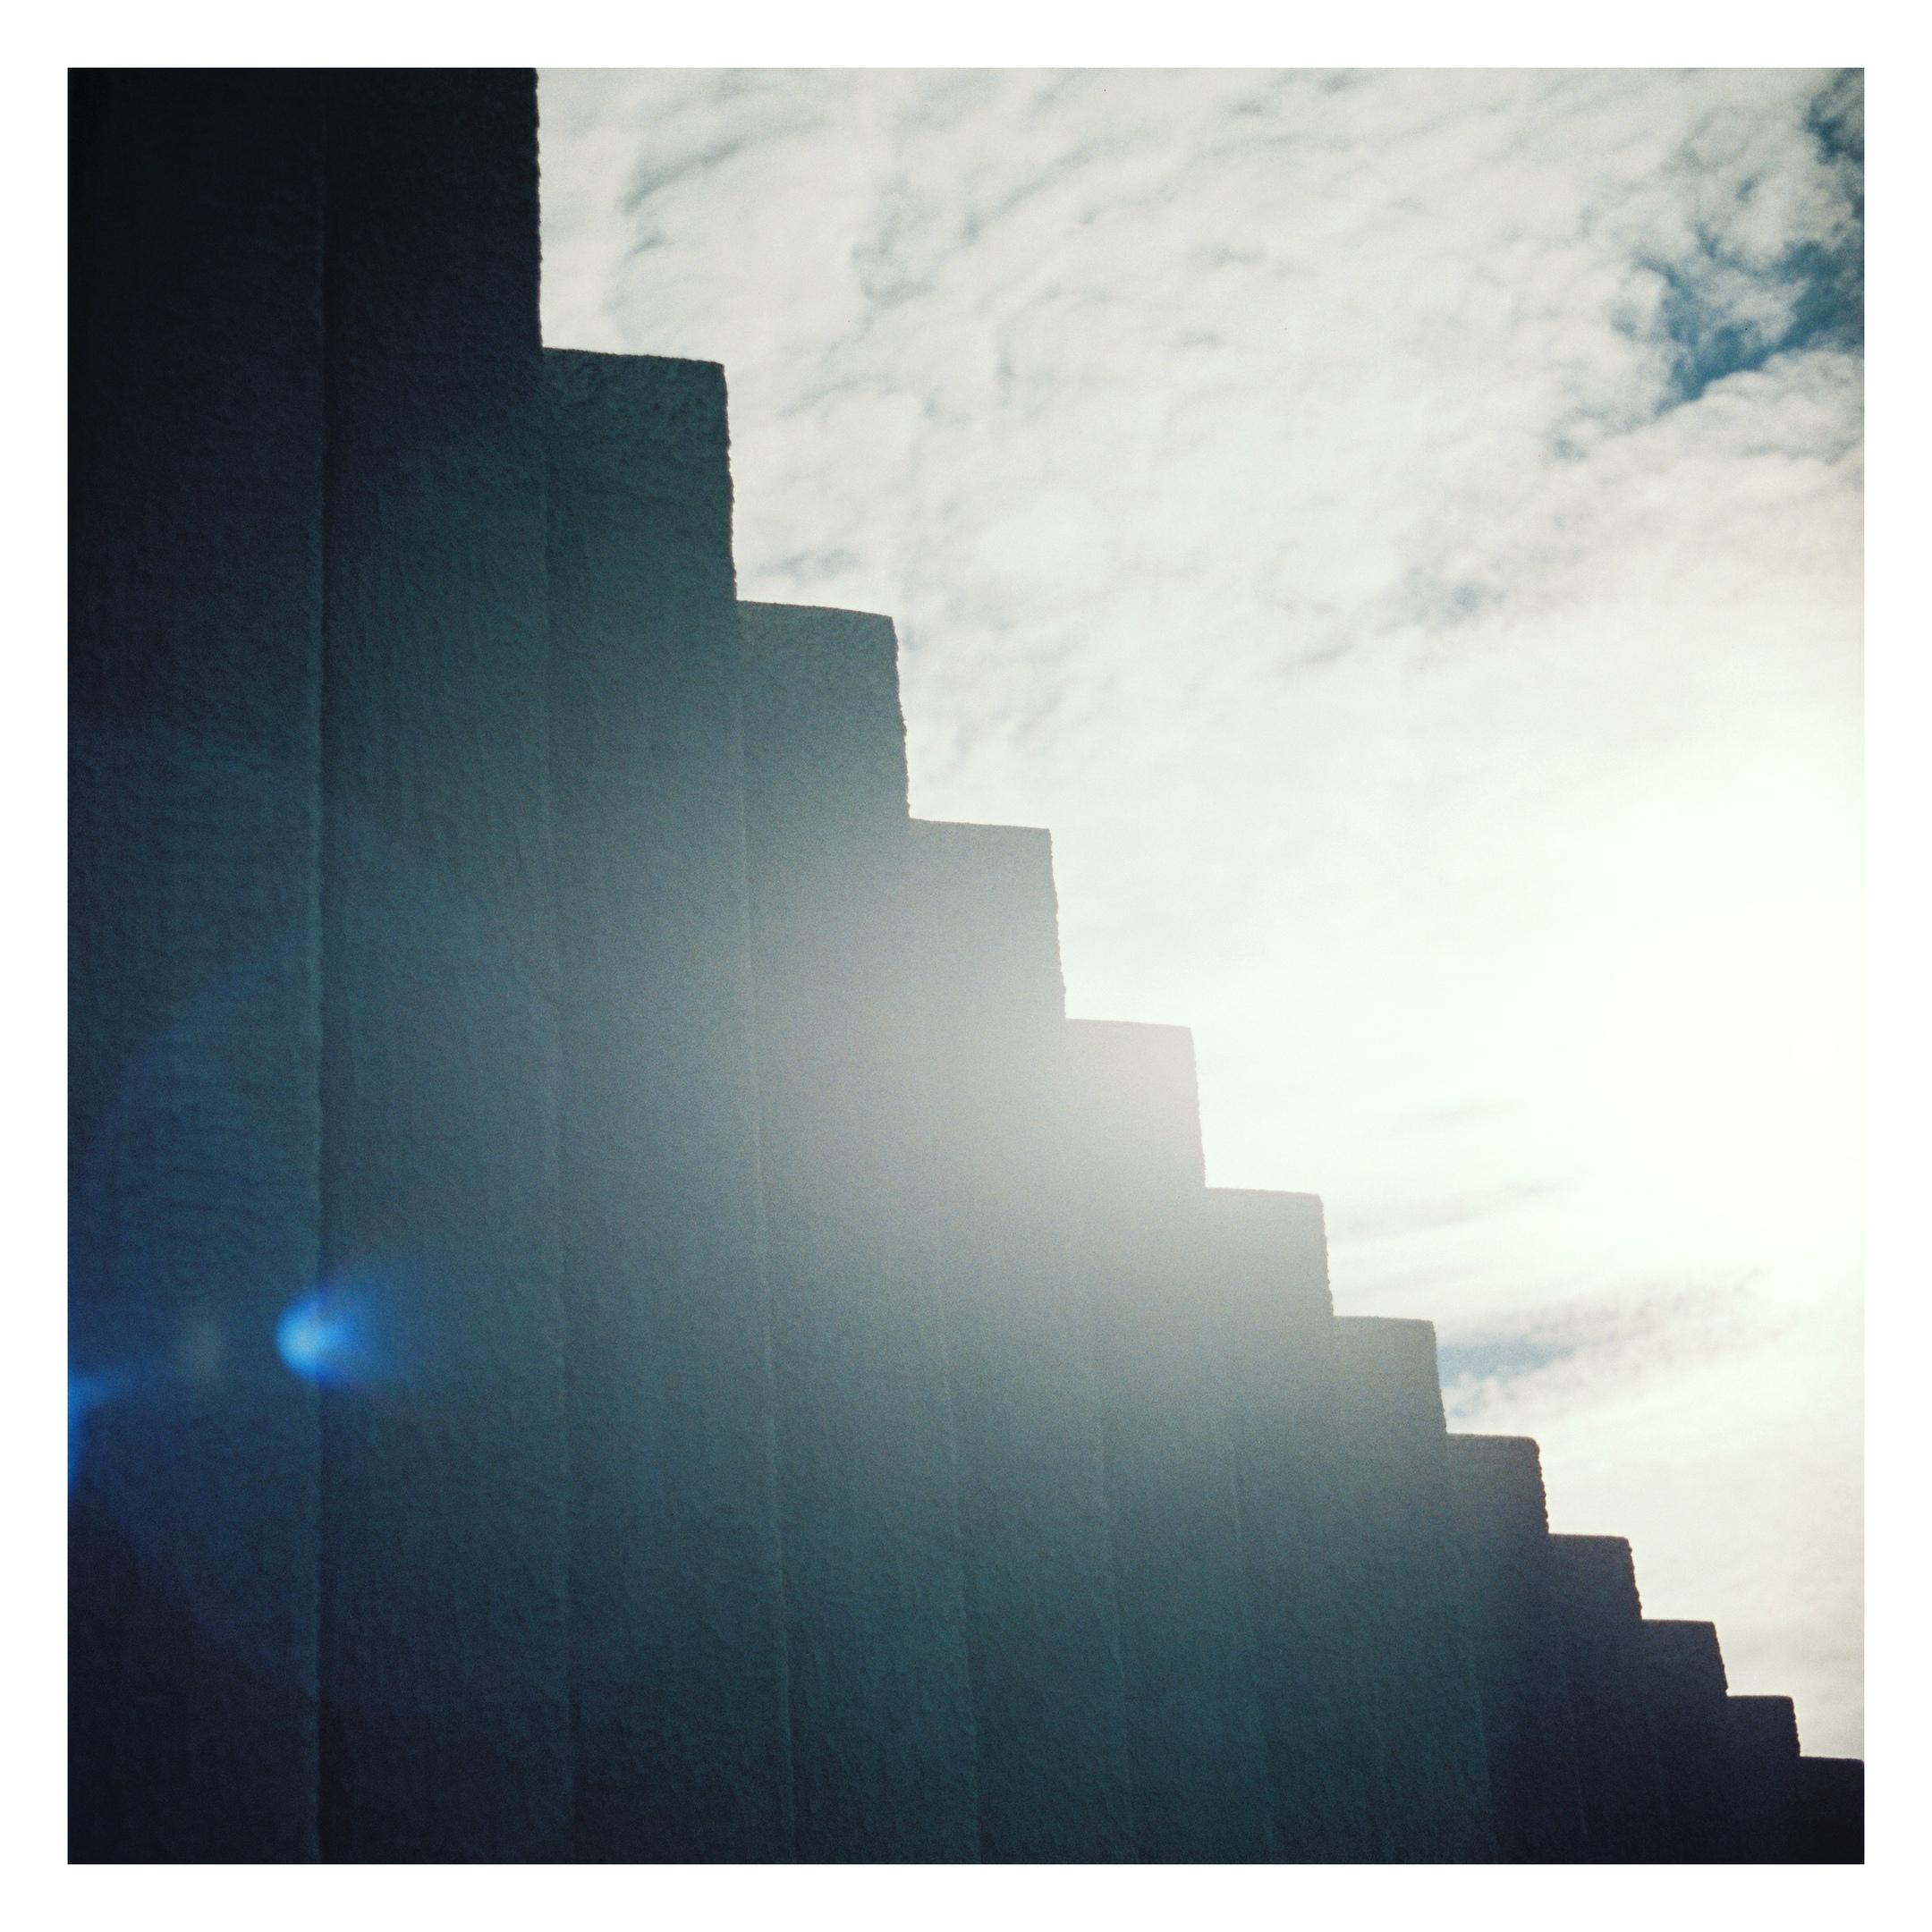 Rosetta - Terra Sola [EP] (2019)